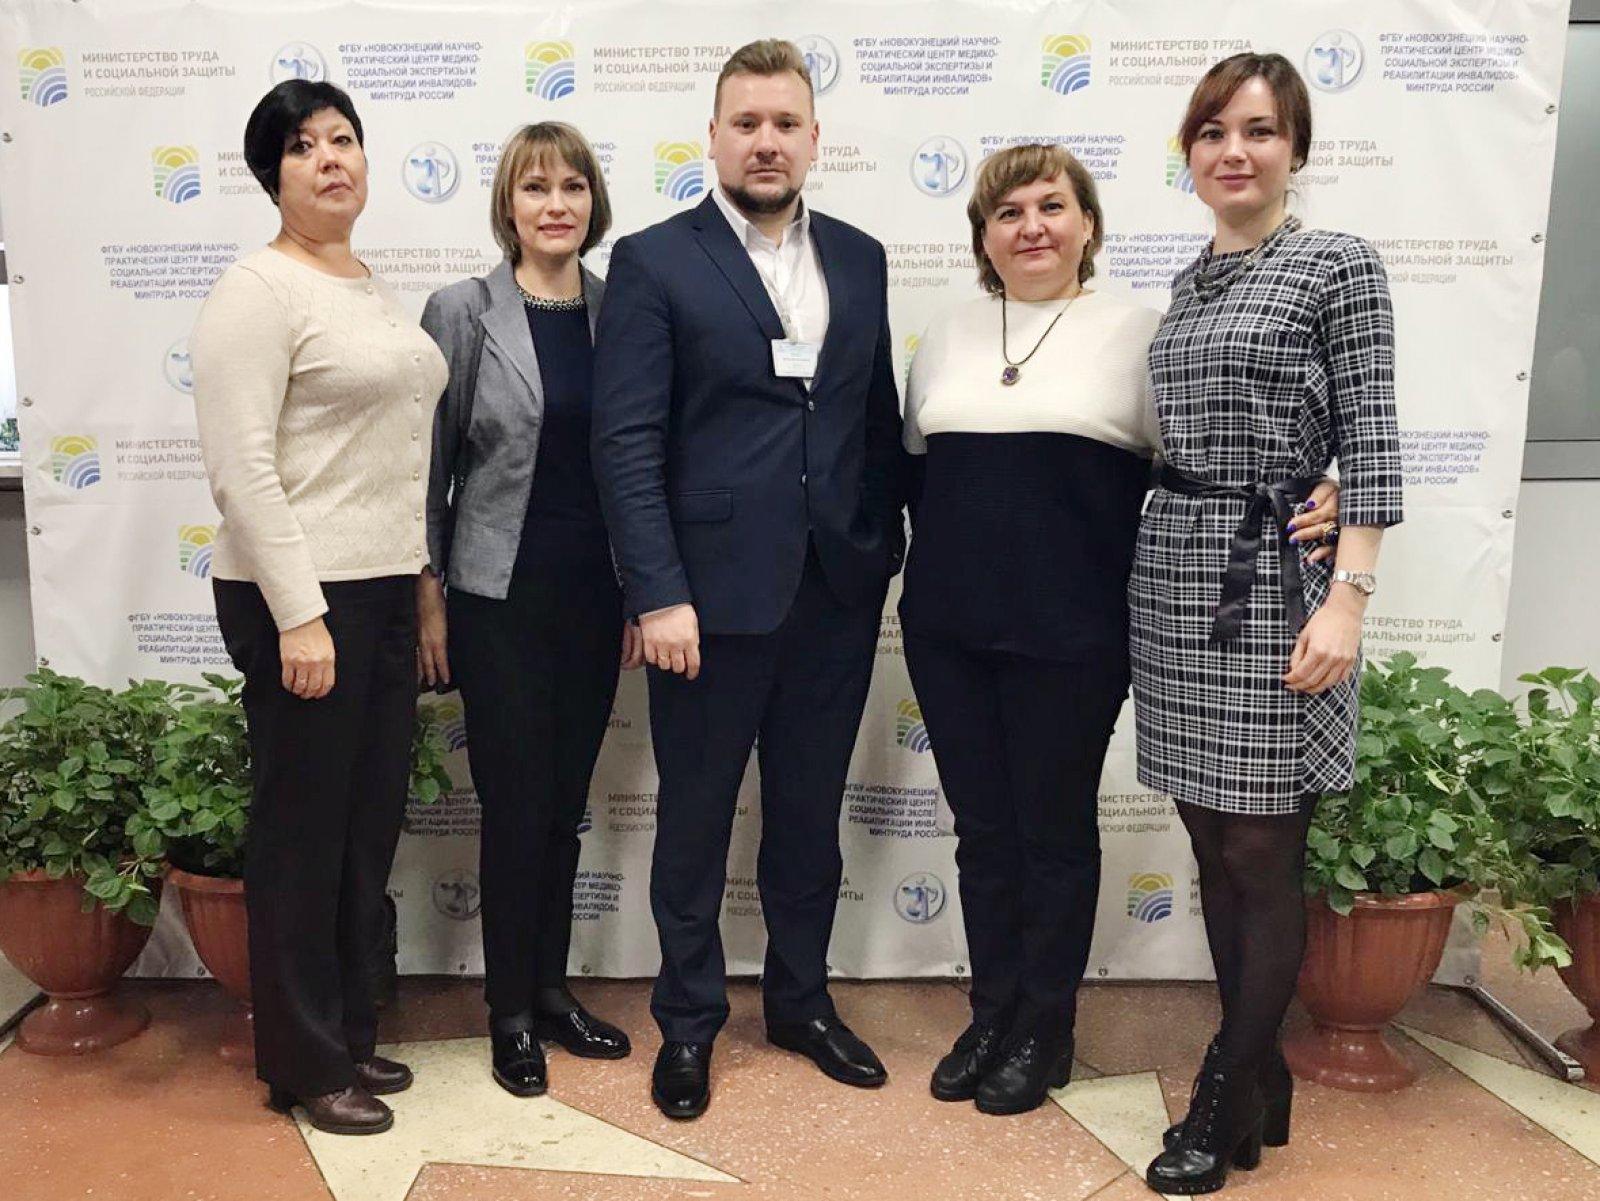 Свердловчане стали участниками конференции в Новокузнецке, посвященной комплексной реабилитации инвалидов